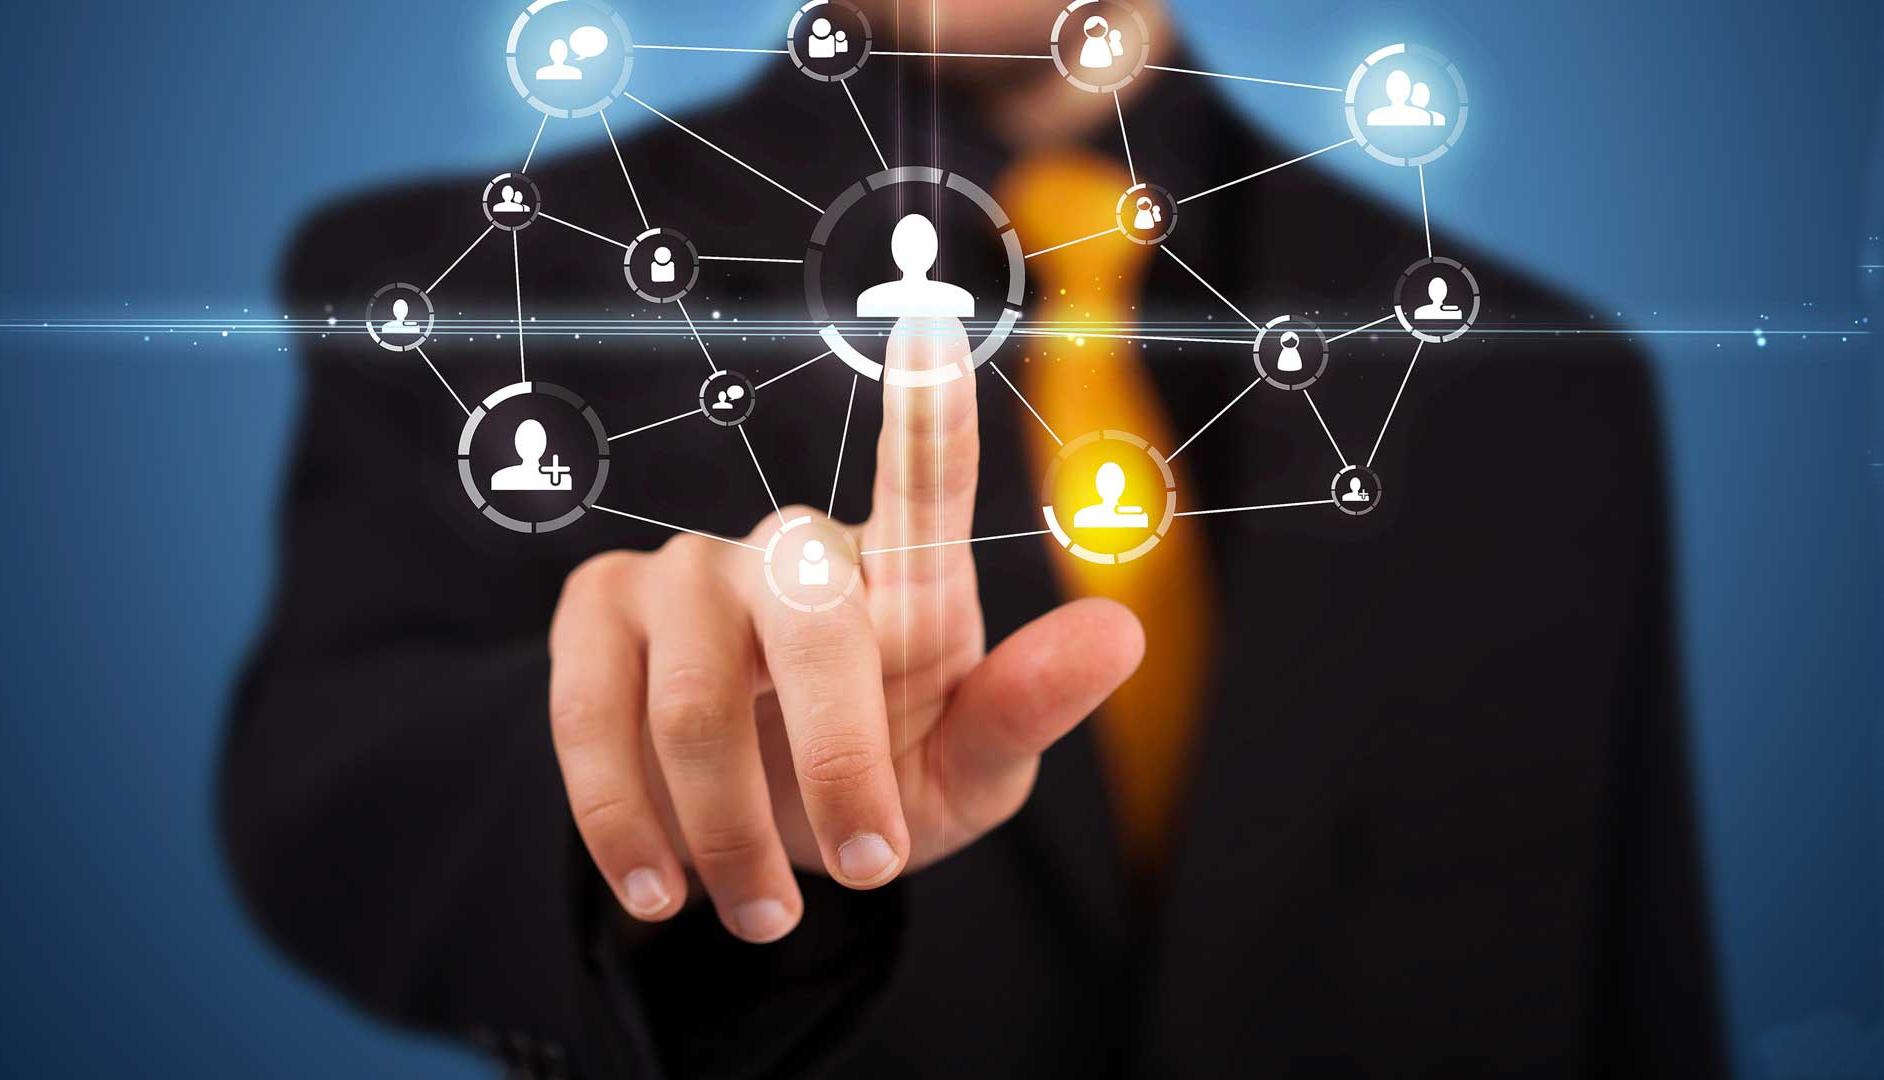 互联网时代的新雇佣关系:不再是终身雇佣制思维,更像是一种任期制-钛媒体官方网站